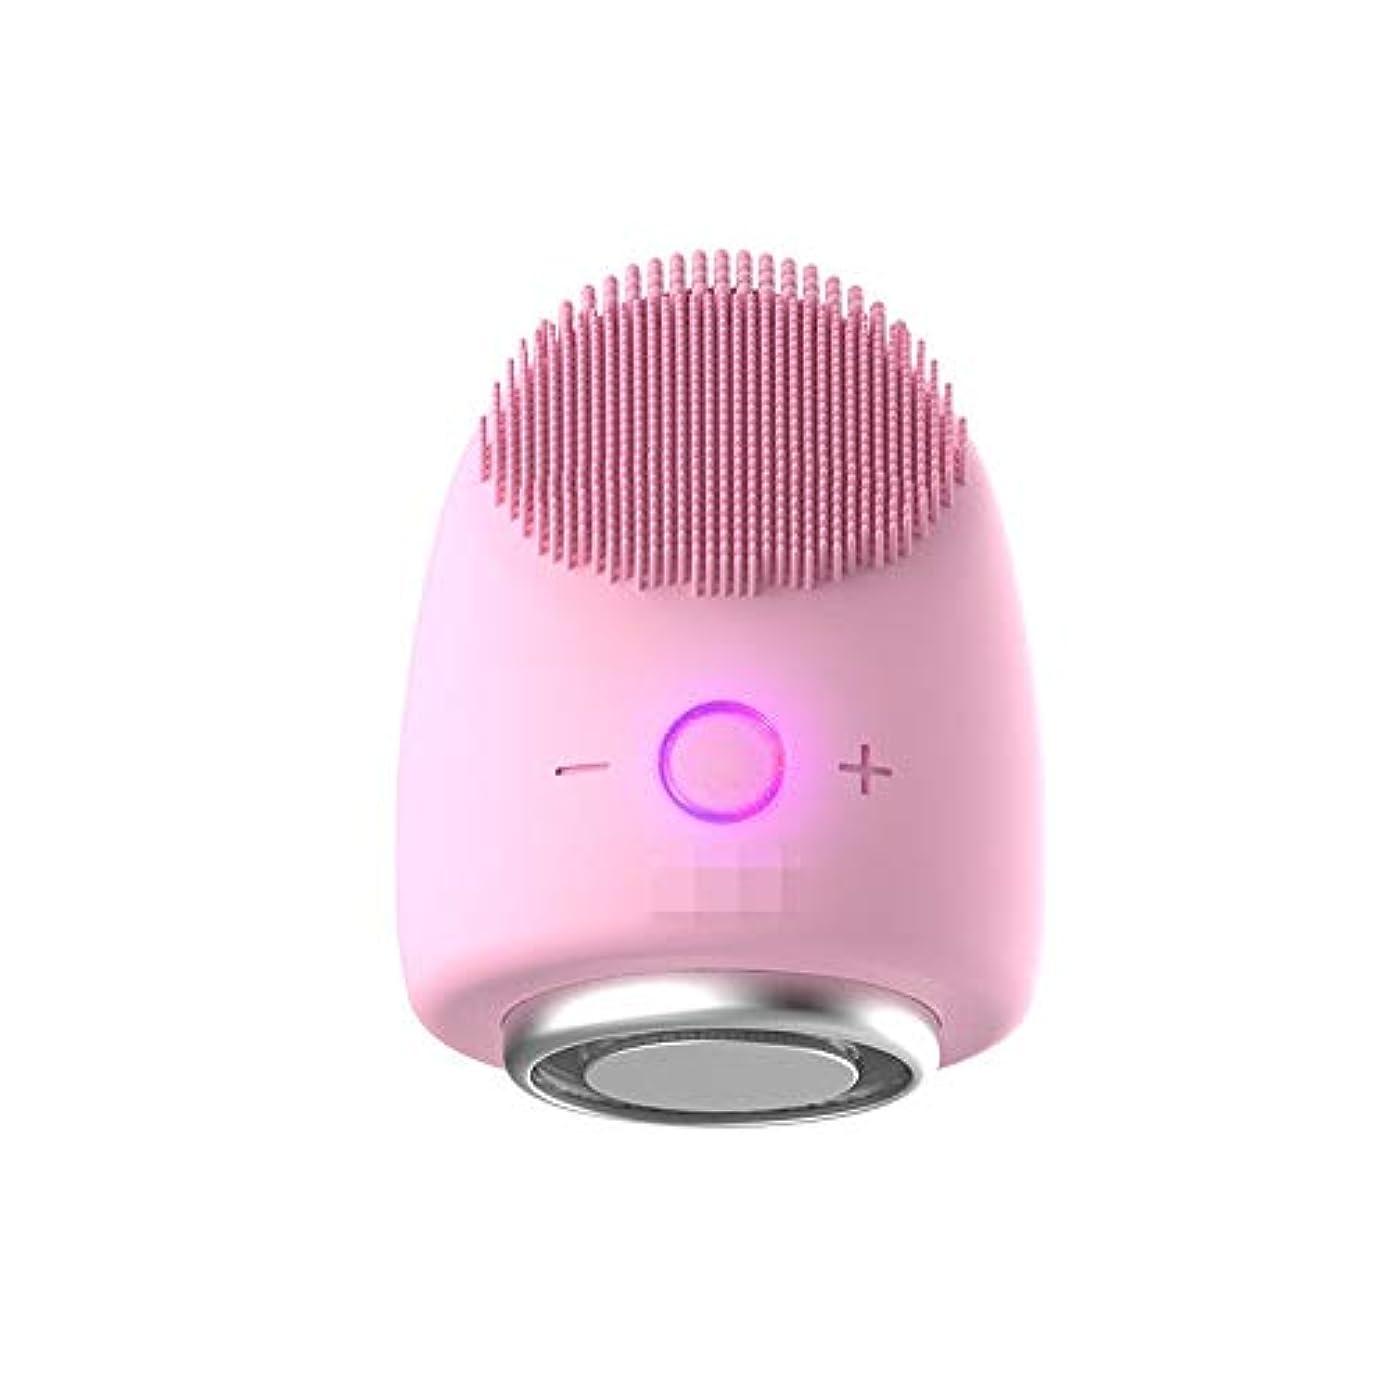 怒っている樹木影響Donghechengkang 多機能美容器具洗浄器具導入器具凝縮ホットドレッシング肌活性化器具 (Color : ピンク)